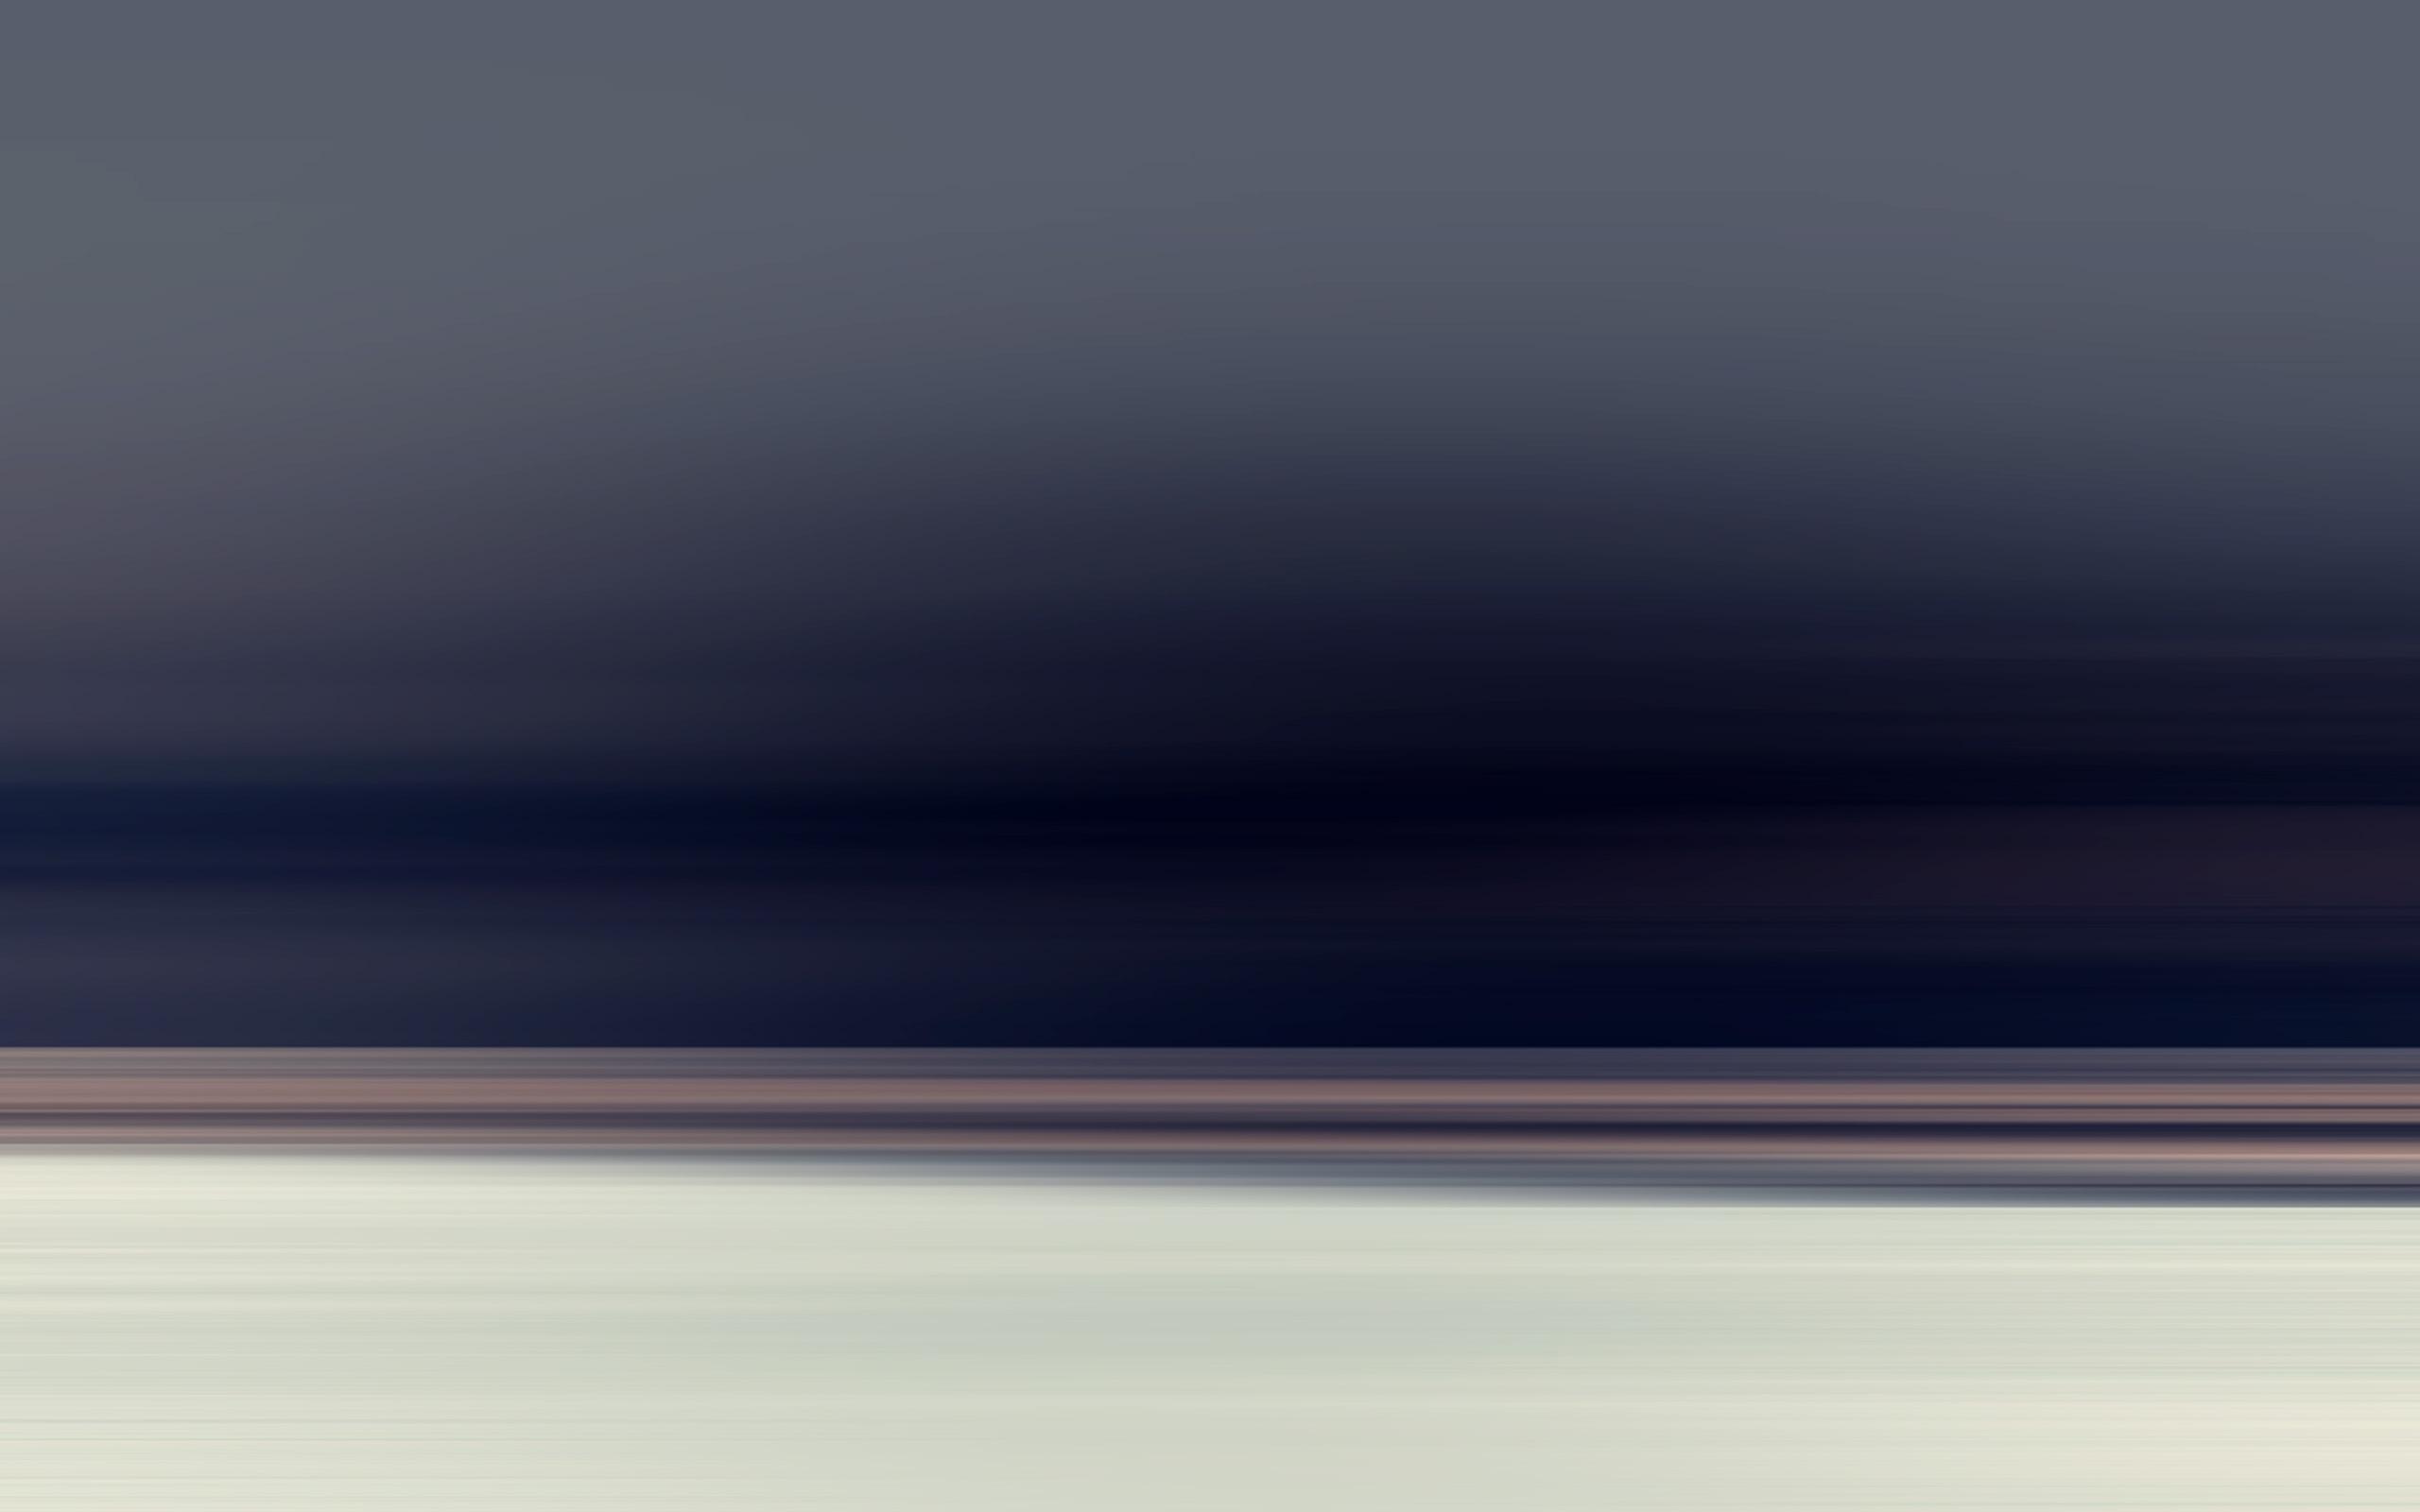 wallpaper for desktop, laptop | vl58-motion-horizontal ...